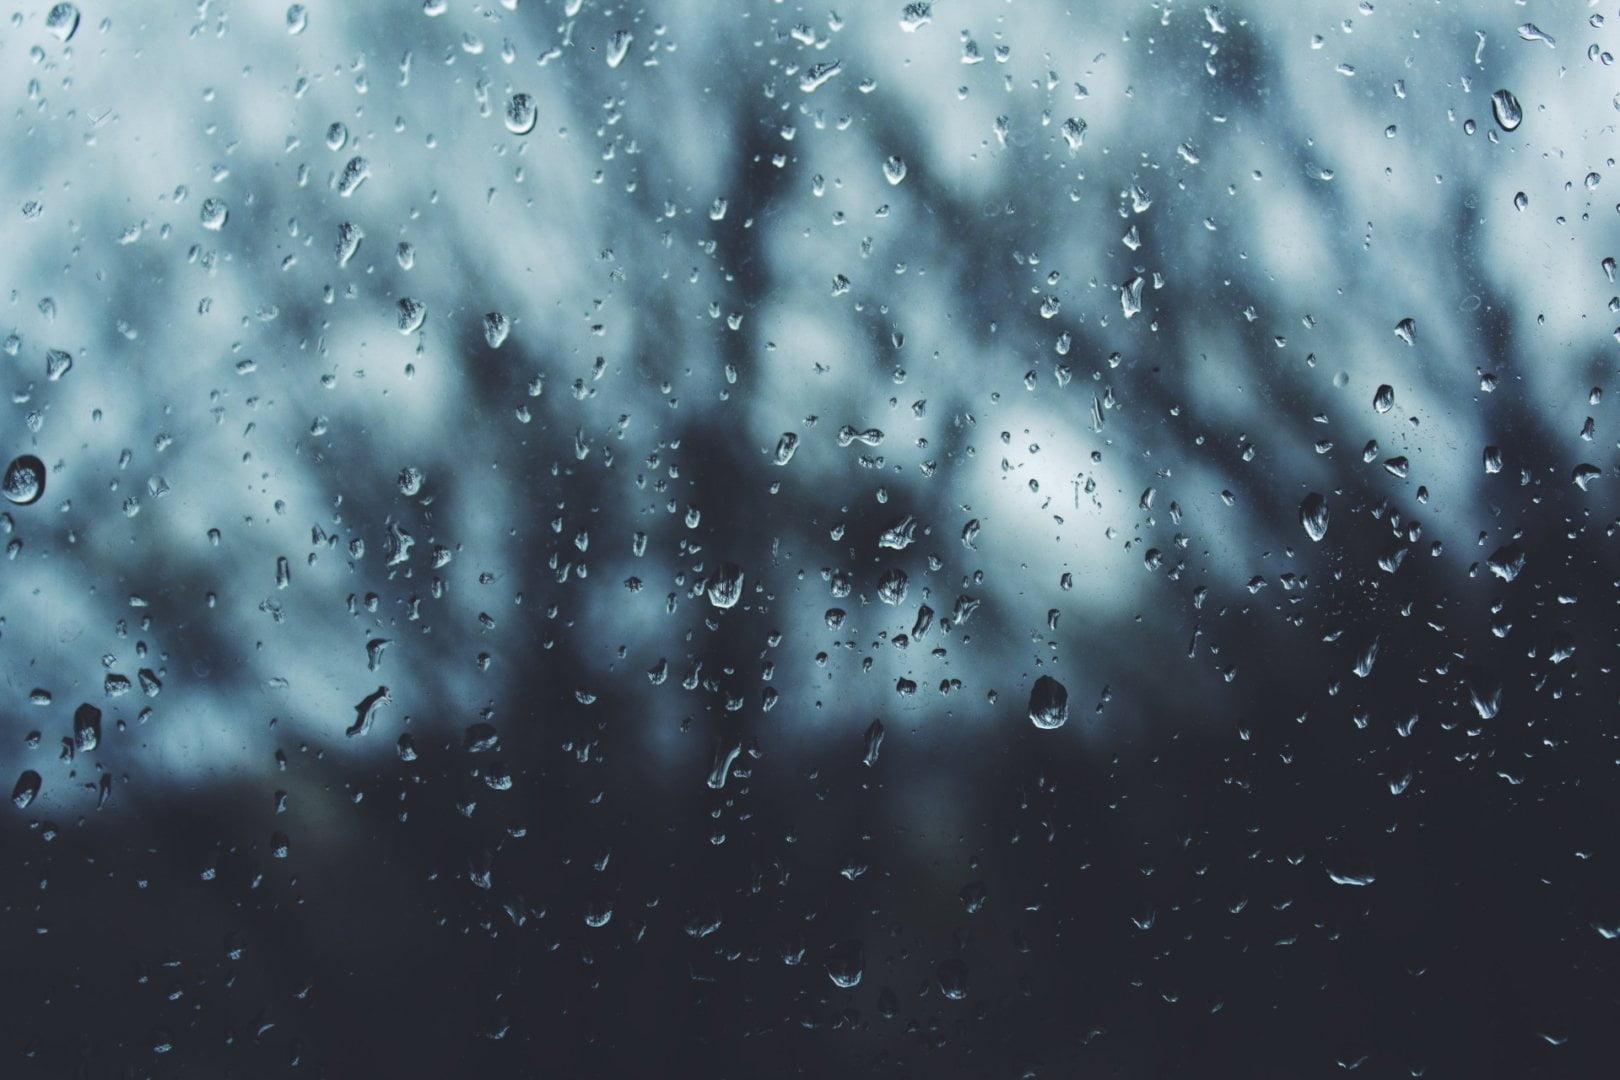 9 rainy mood